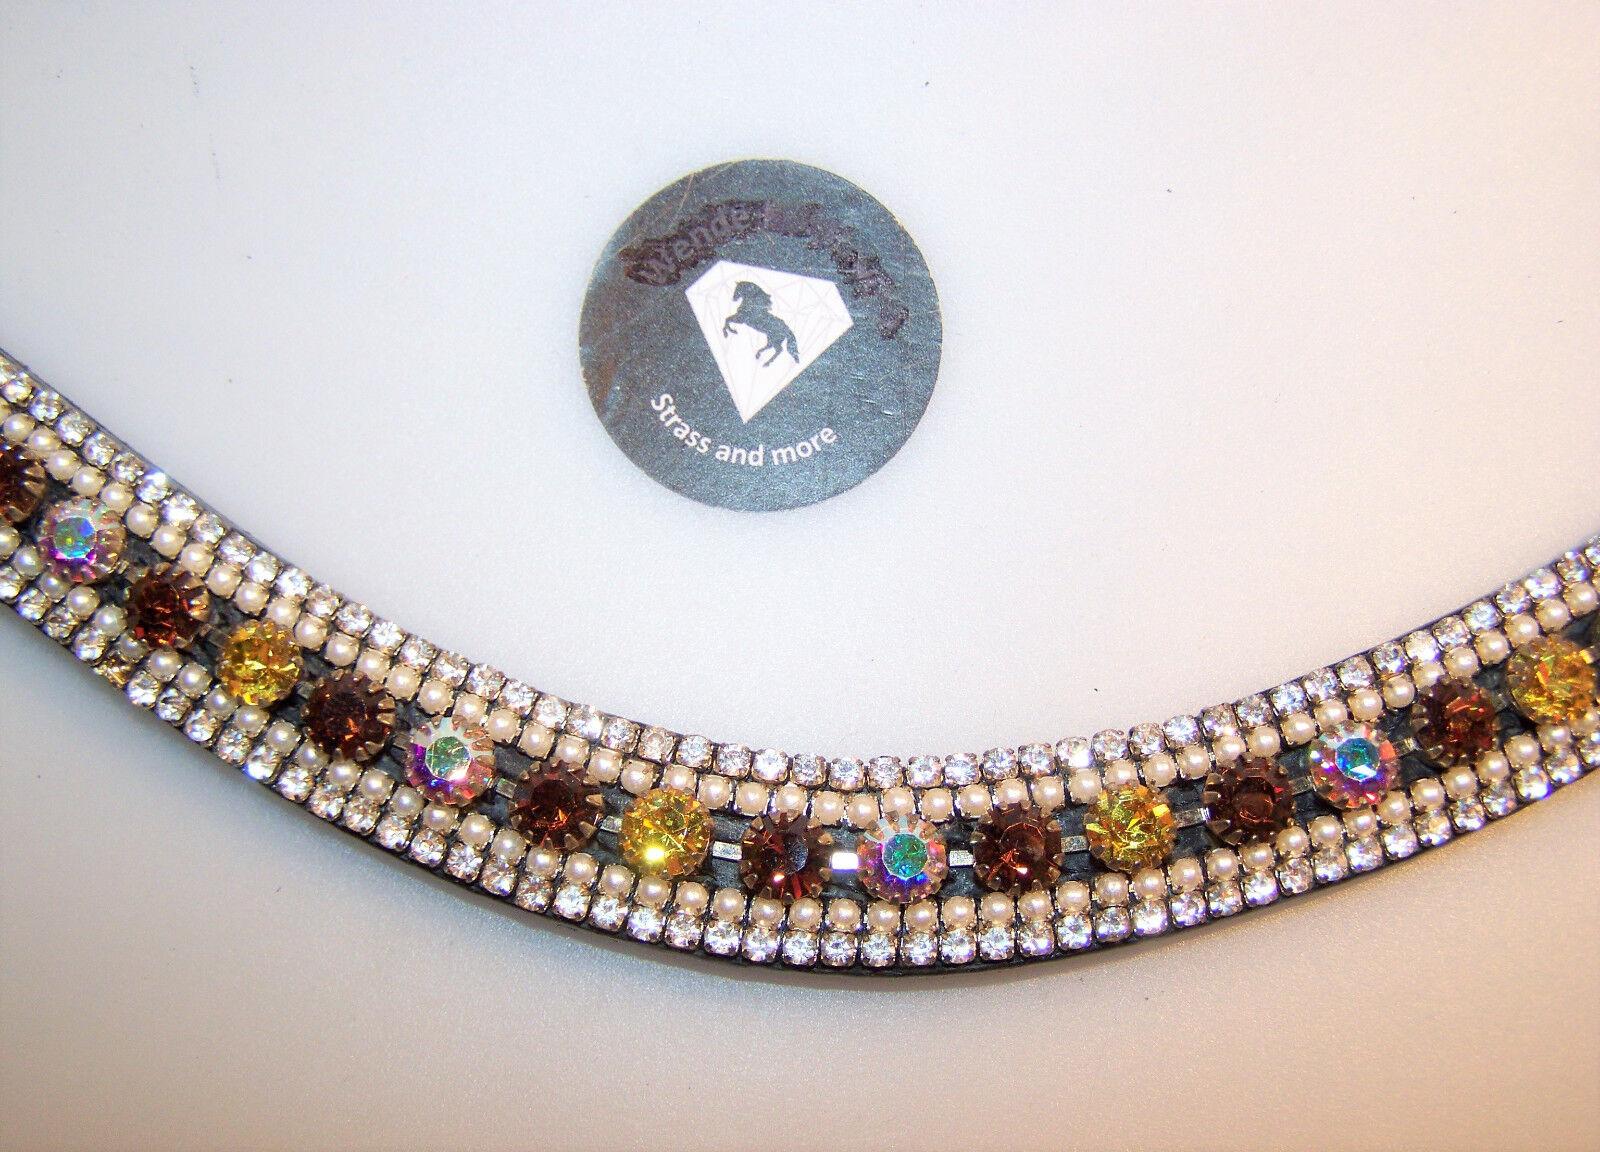 Breiter Stirnriemen geschwungen feuriger Strass gold braun Perlen WB cm 40 cm WB 9da836